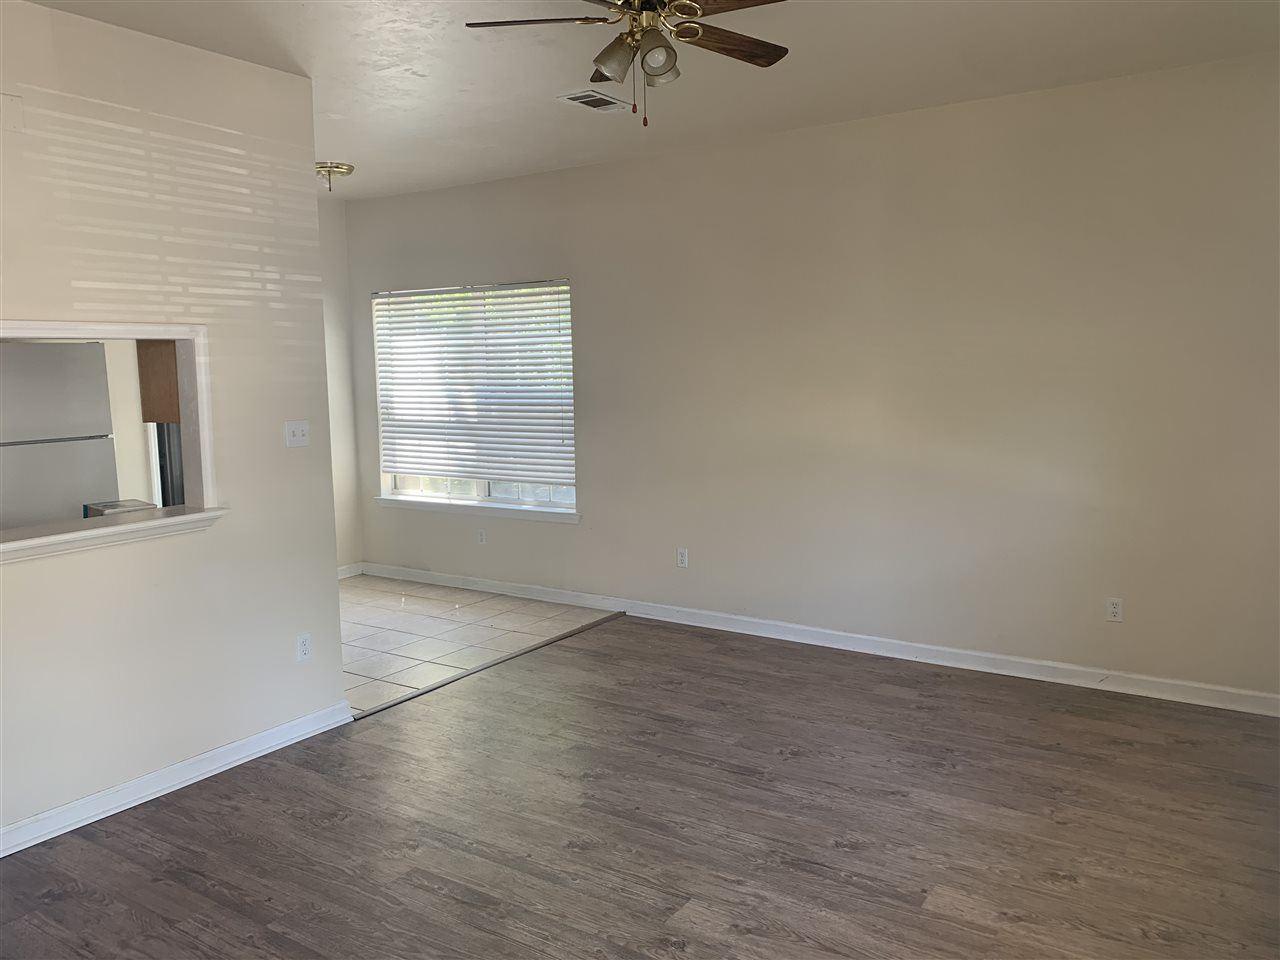 Photo of 2403 Hartsfield Road #301, TALLAHASSEE, FL 32302 (MLS # 330821)